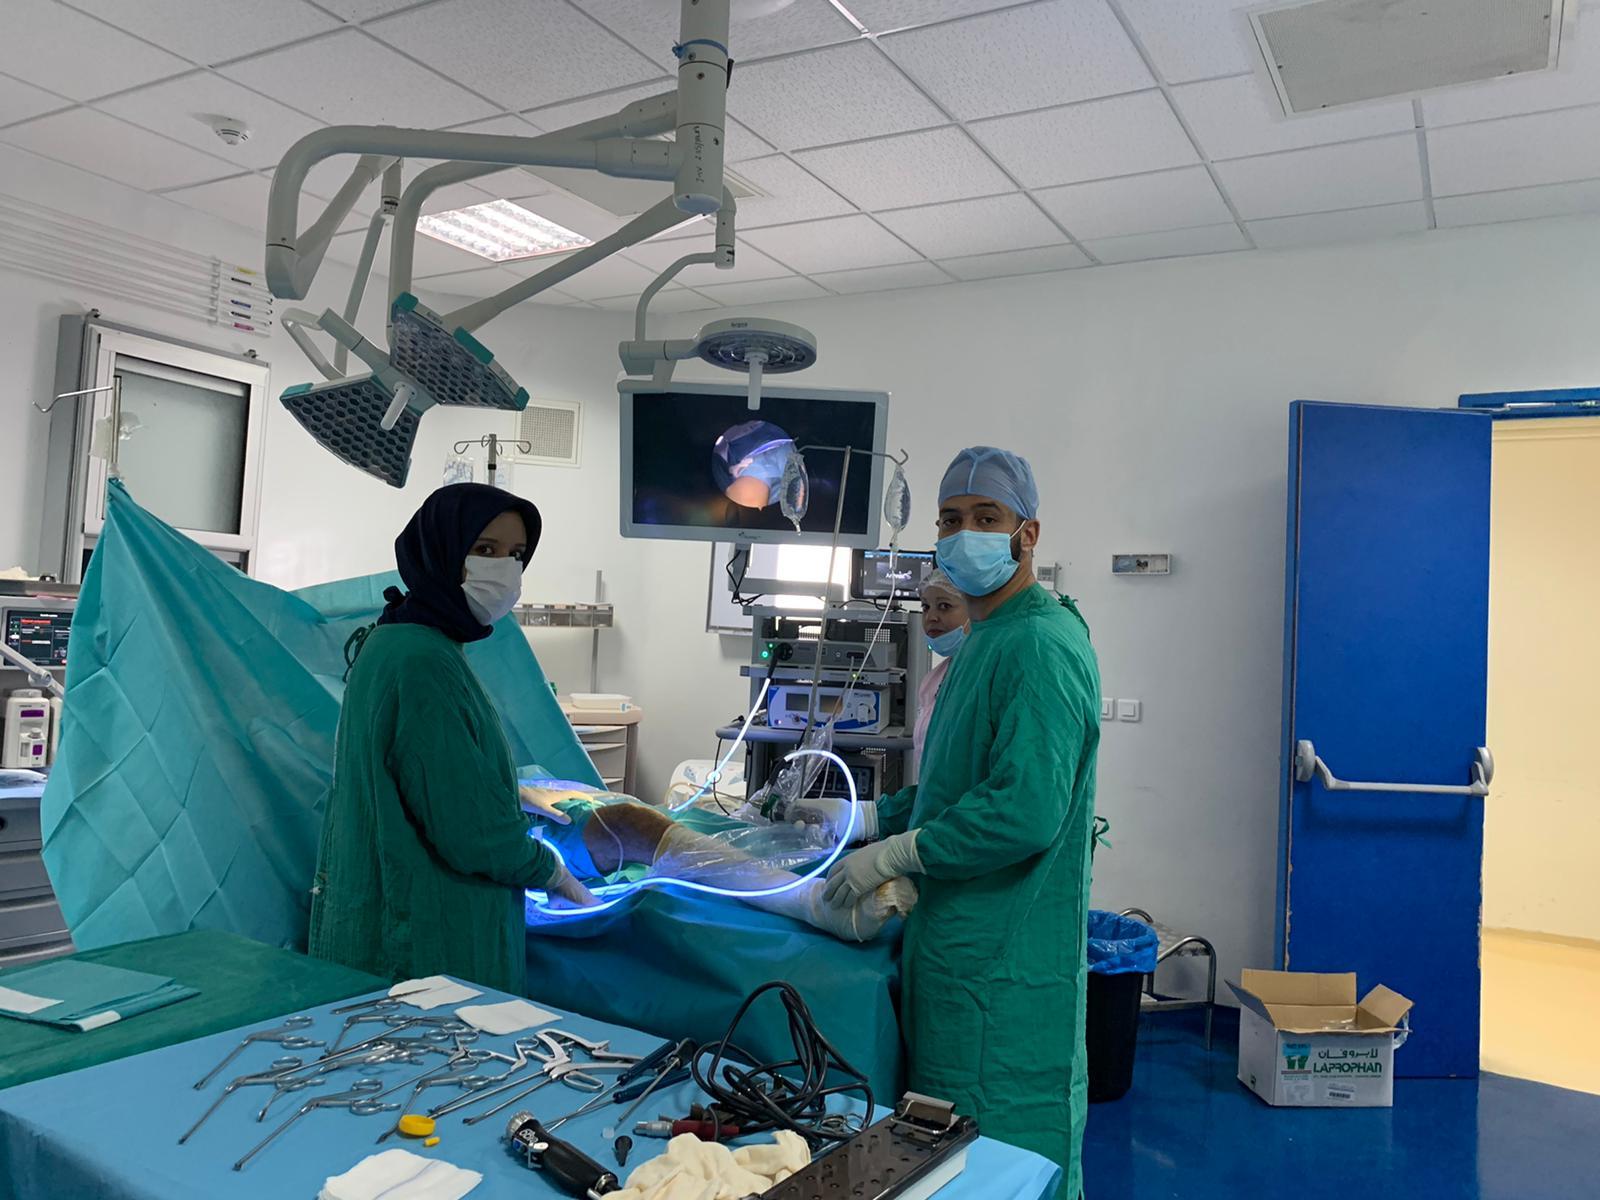 إجراء عملية على مستوى الركبة باستعمال تقنية المنظار arthroscopie بالمستشفى الاقليمي لميدلت